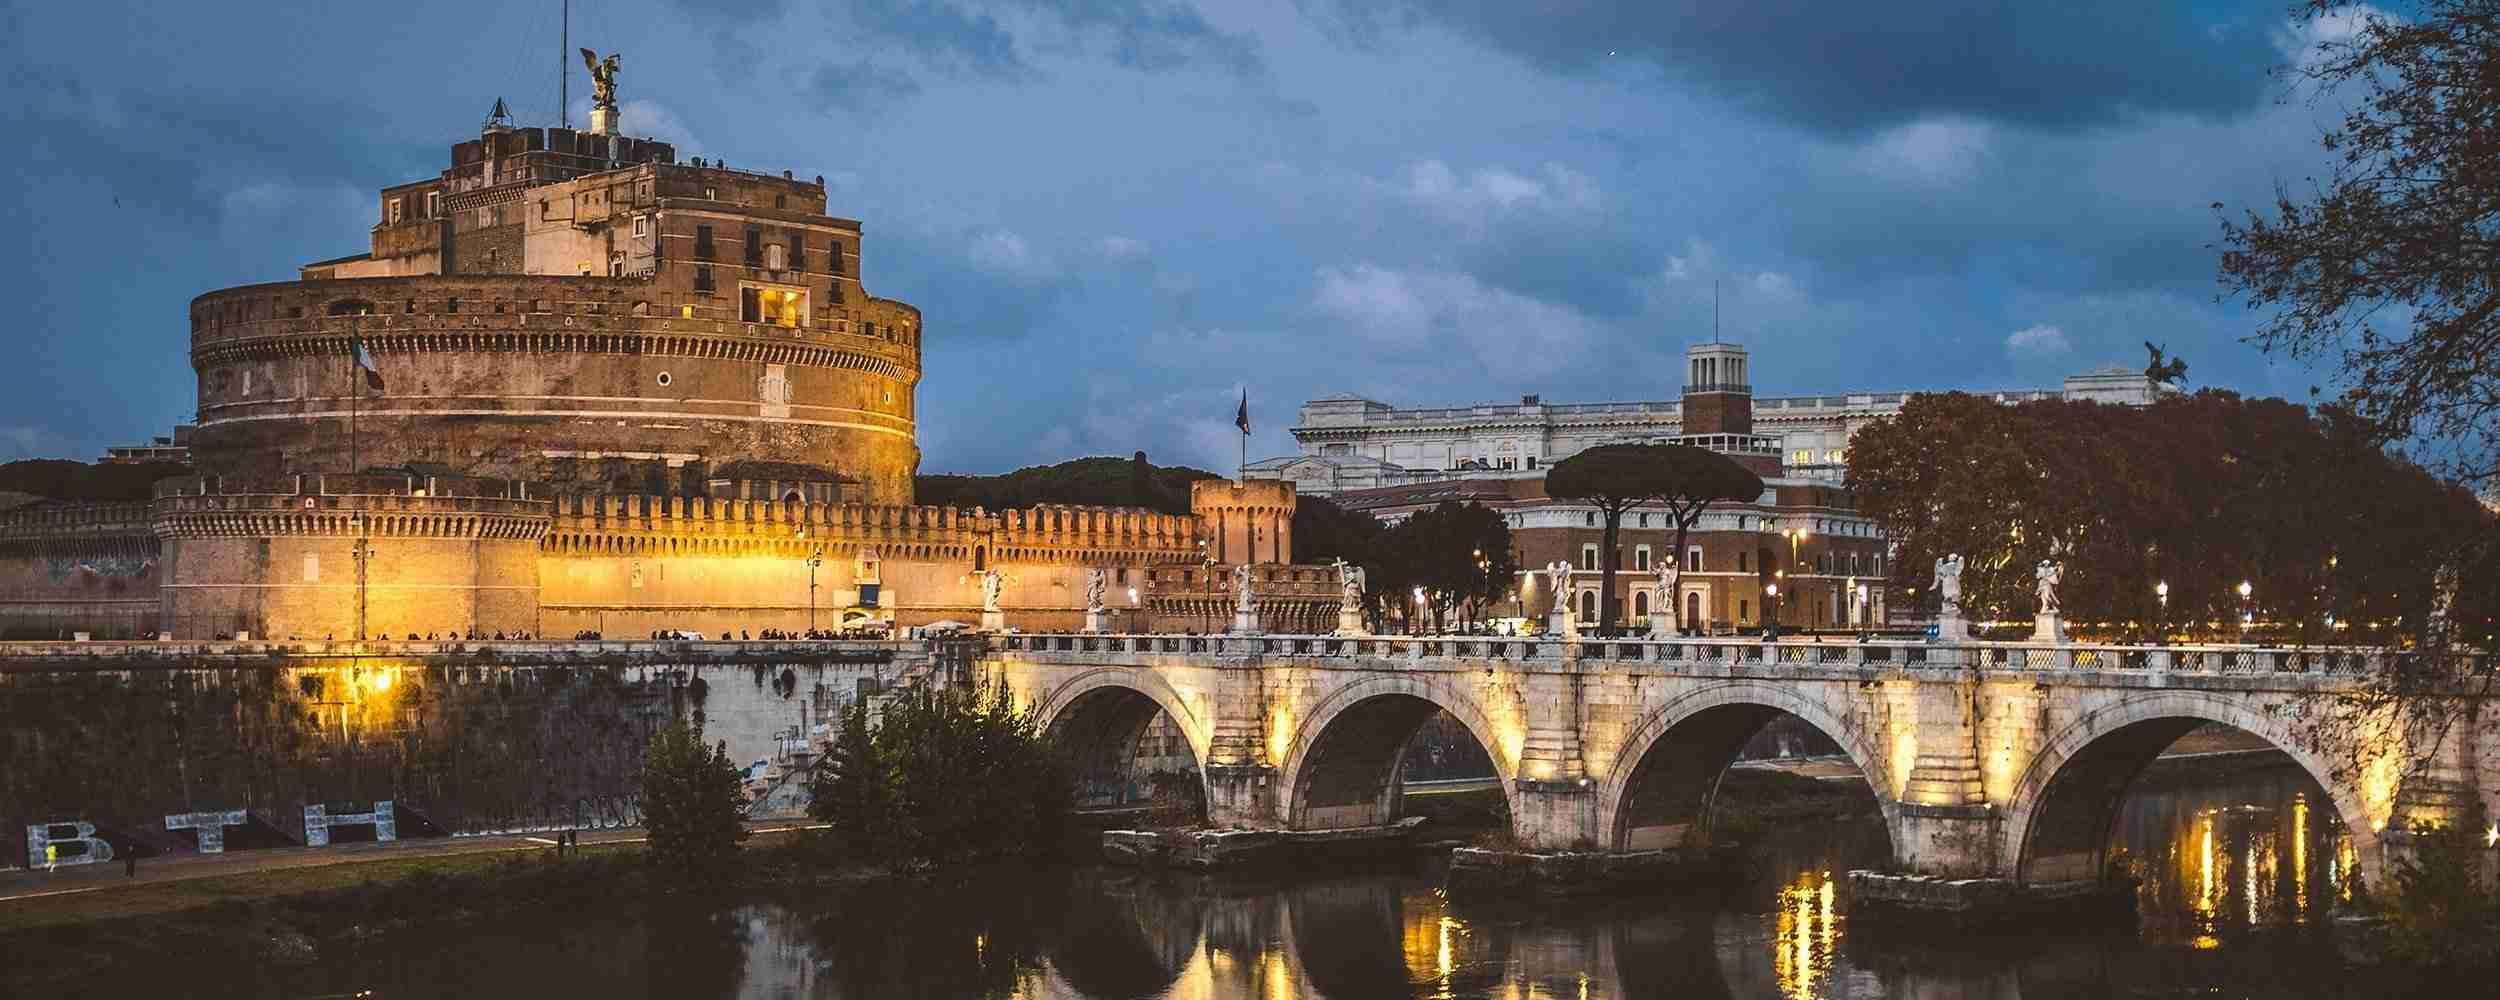 Visita guidata Roma di sera con Chauffeur & Cena